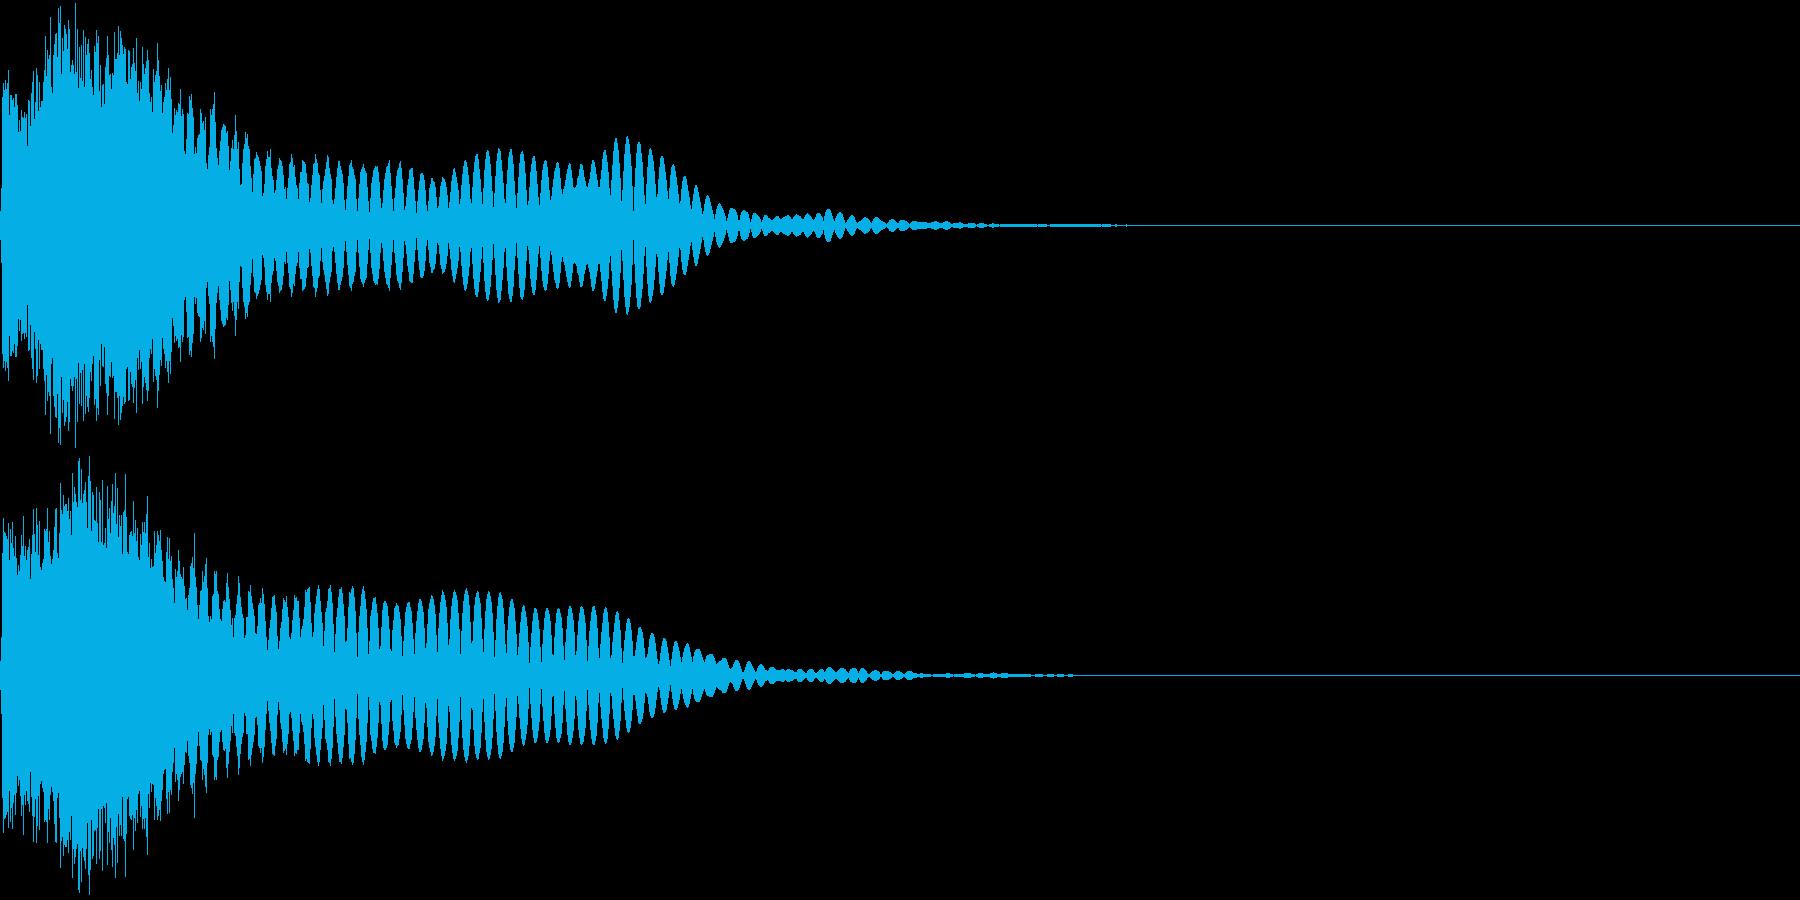 刀 キーン 剣 リアル インパクト Lの再生済みの波形